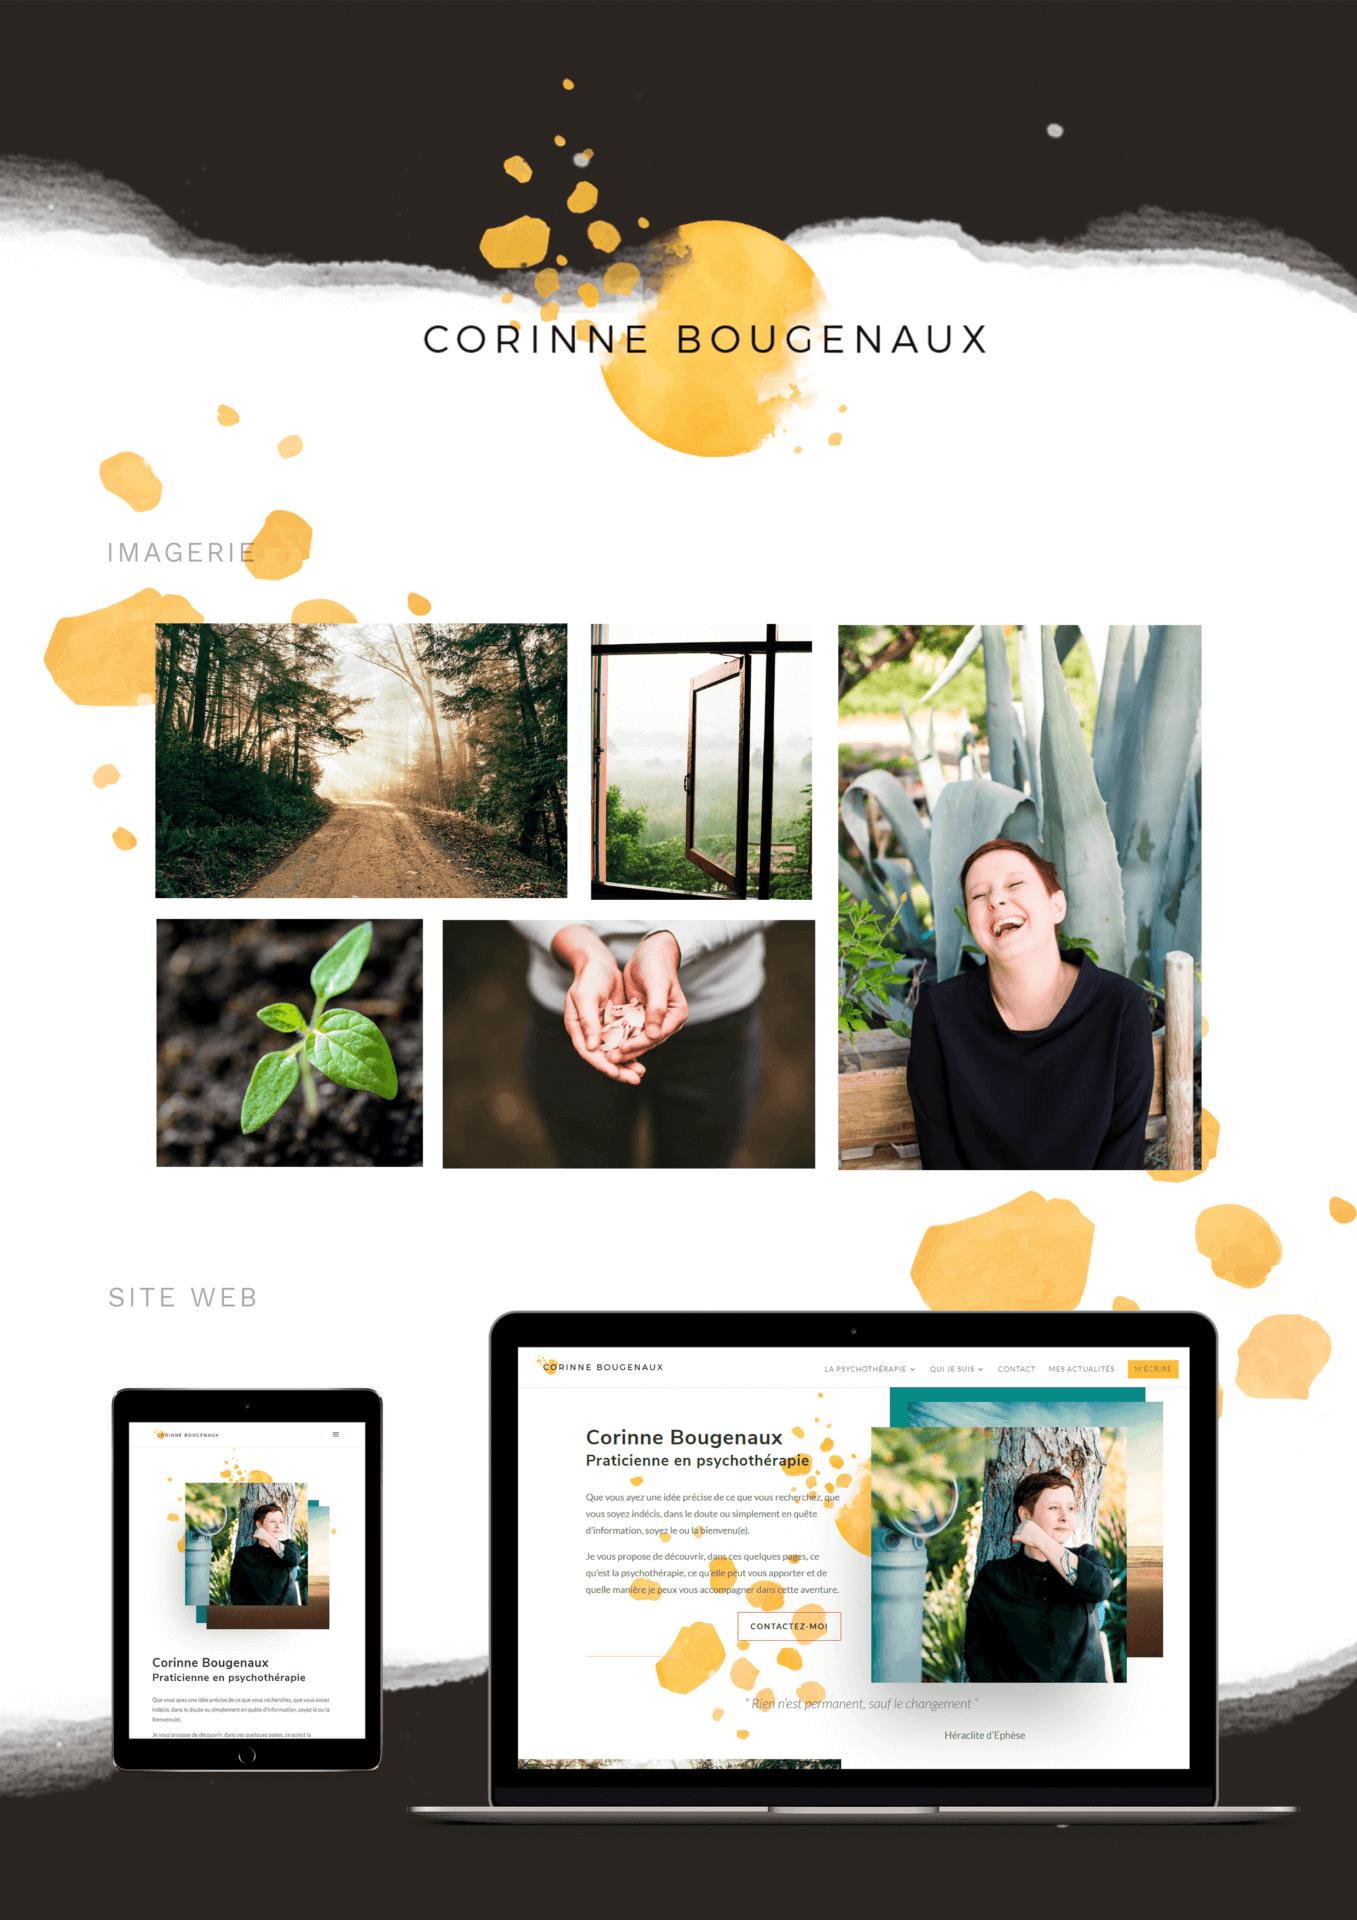 Corinne Bougenaux Identité visuelle - Brandboard imagerie